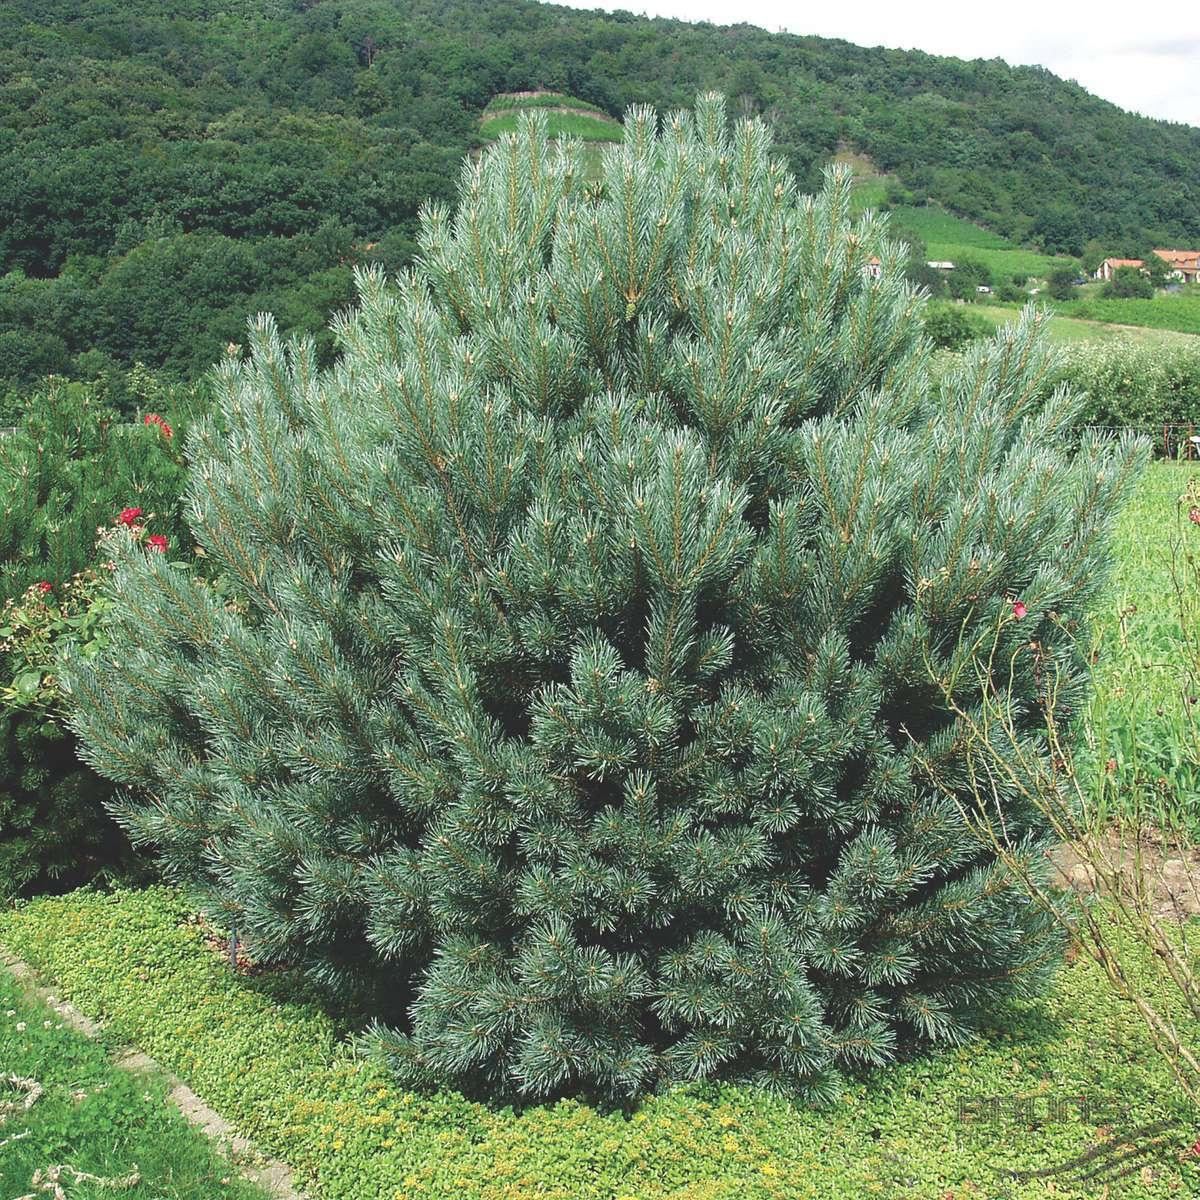 Pinus_sylvestris_Watereri_2005_3183_q